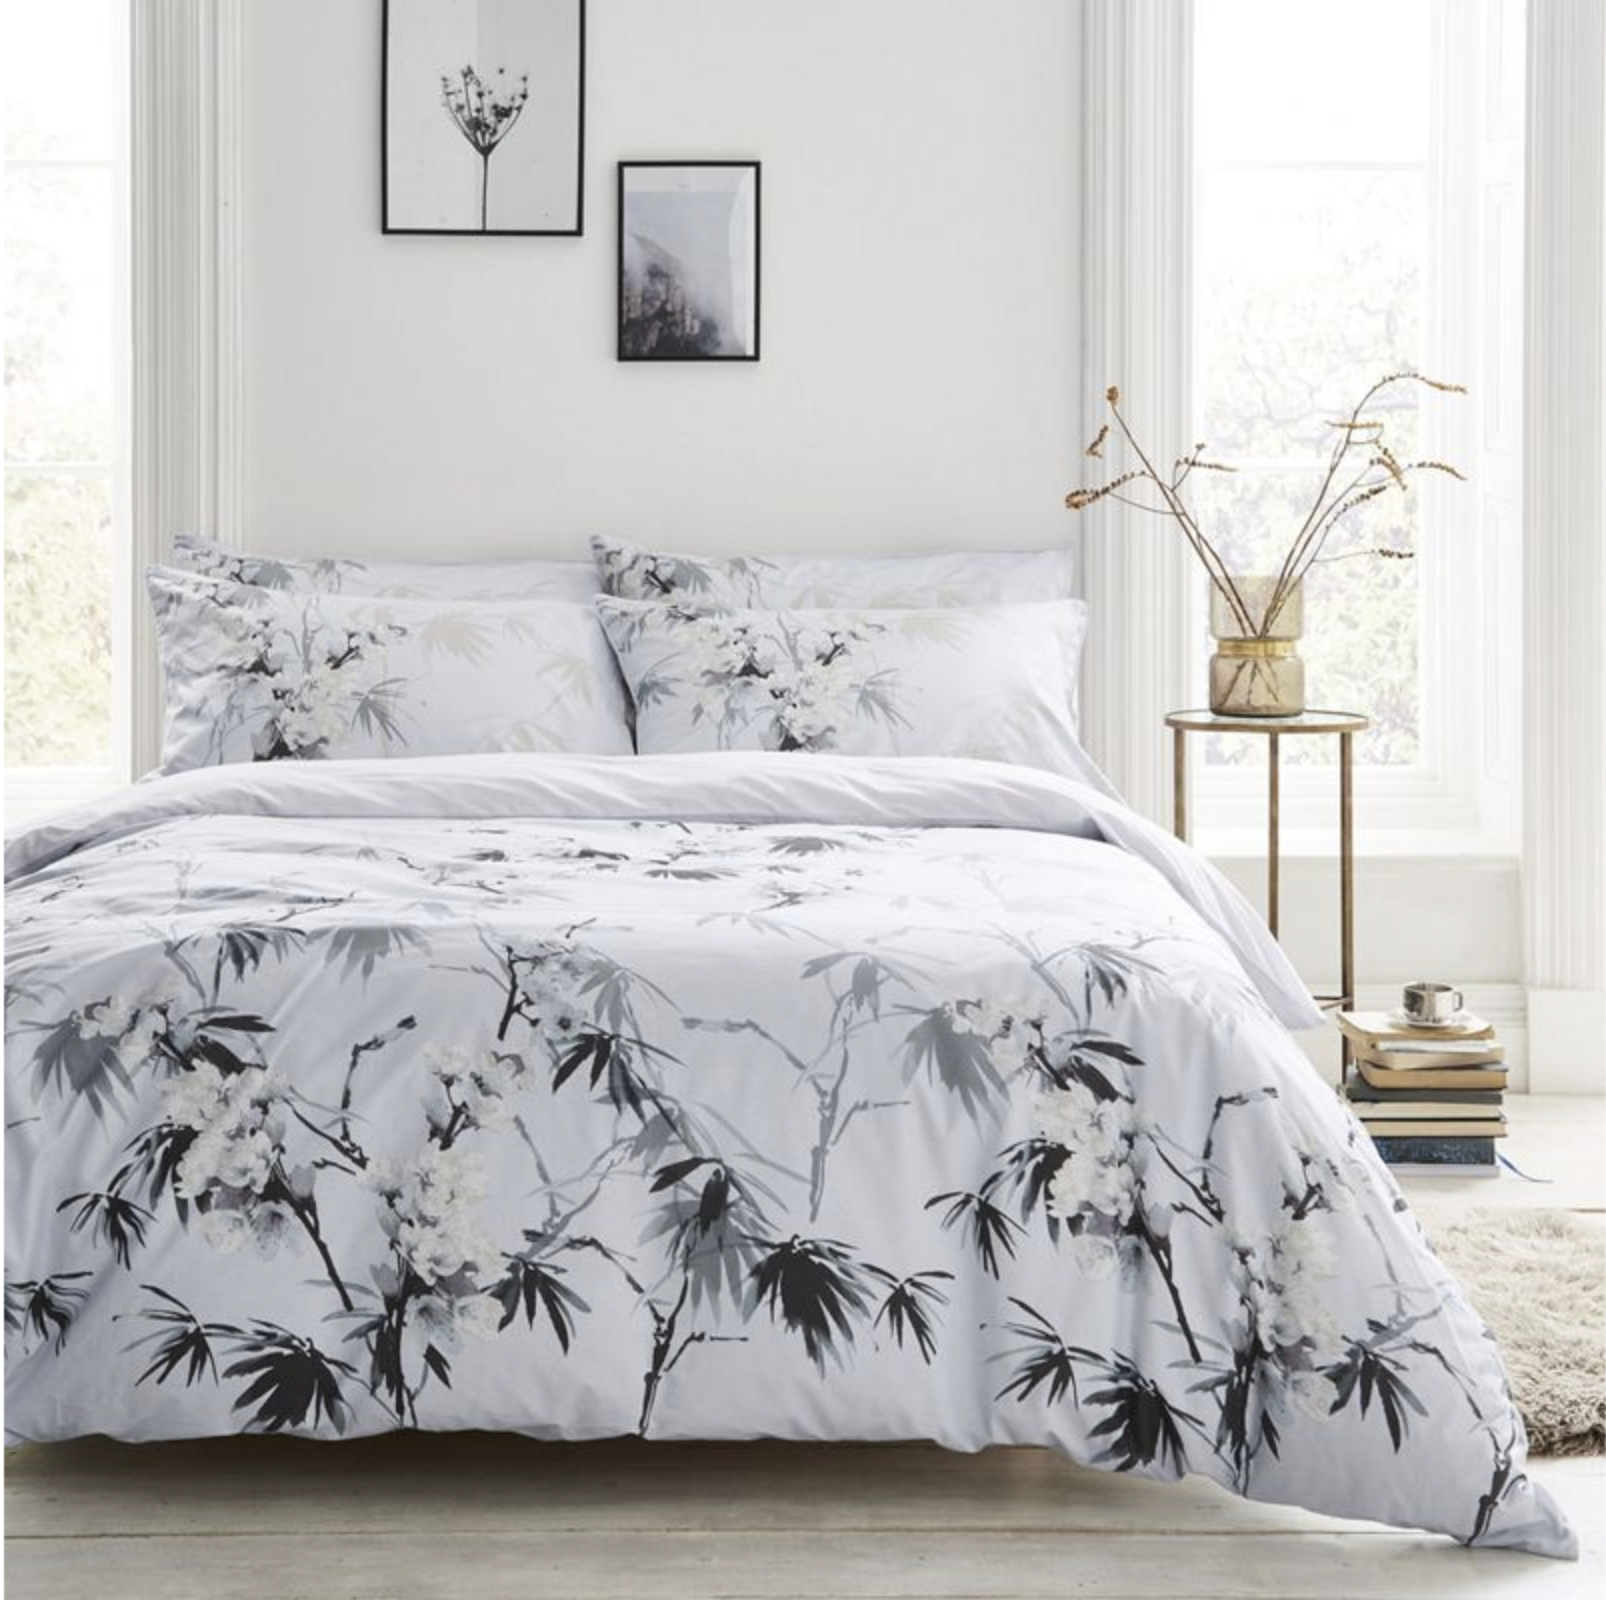 Bianca Kyoto Duvet Cover Standard Pillowcase Set In 2020 Duvet